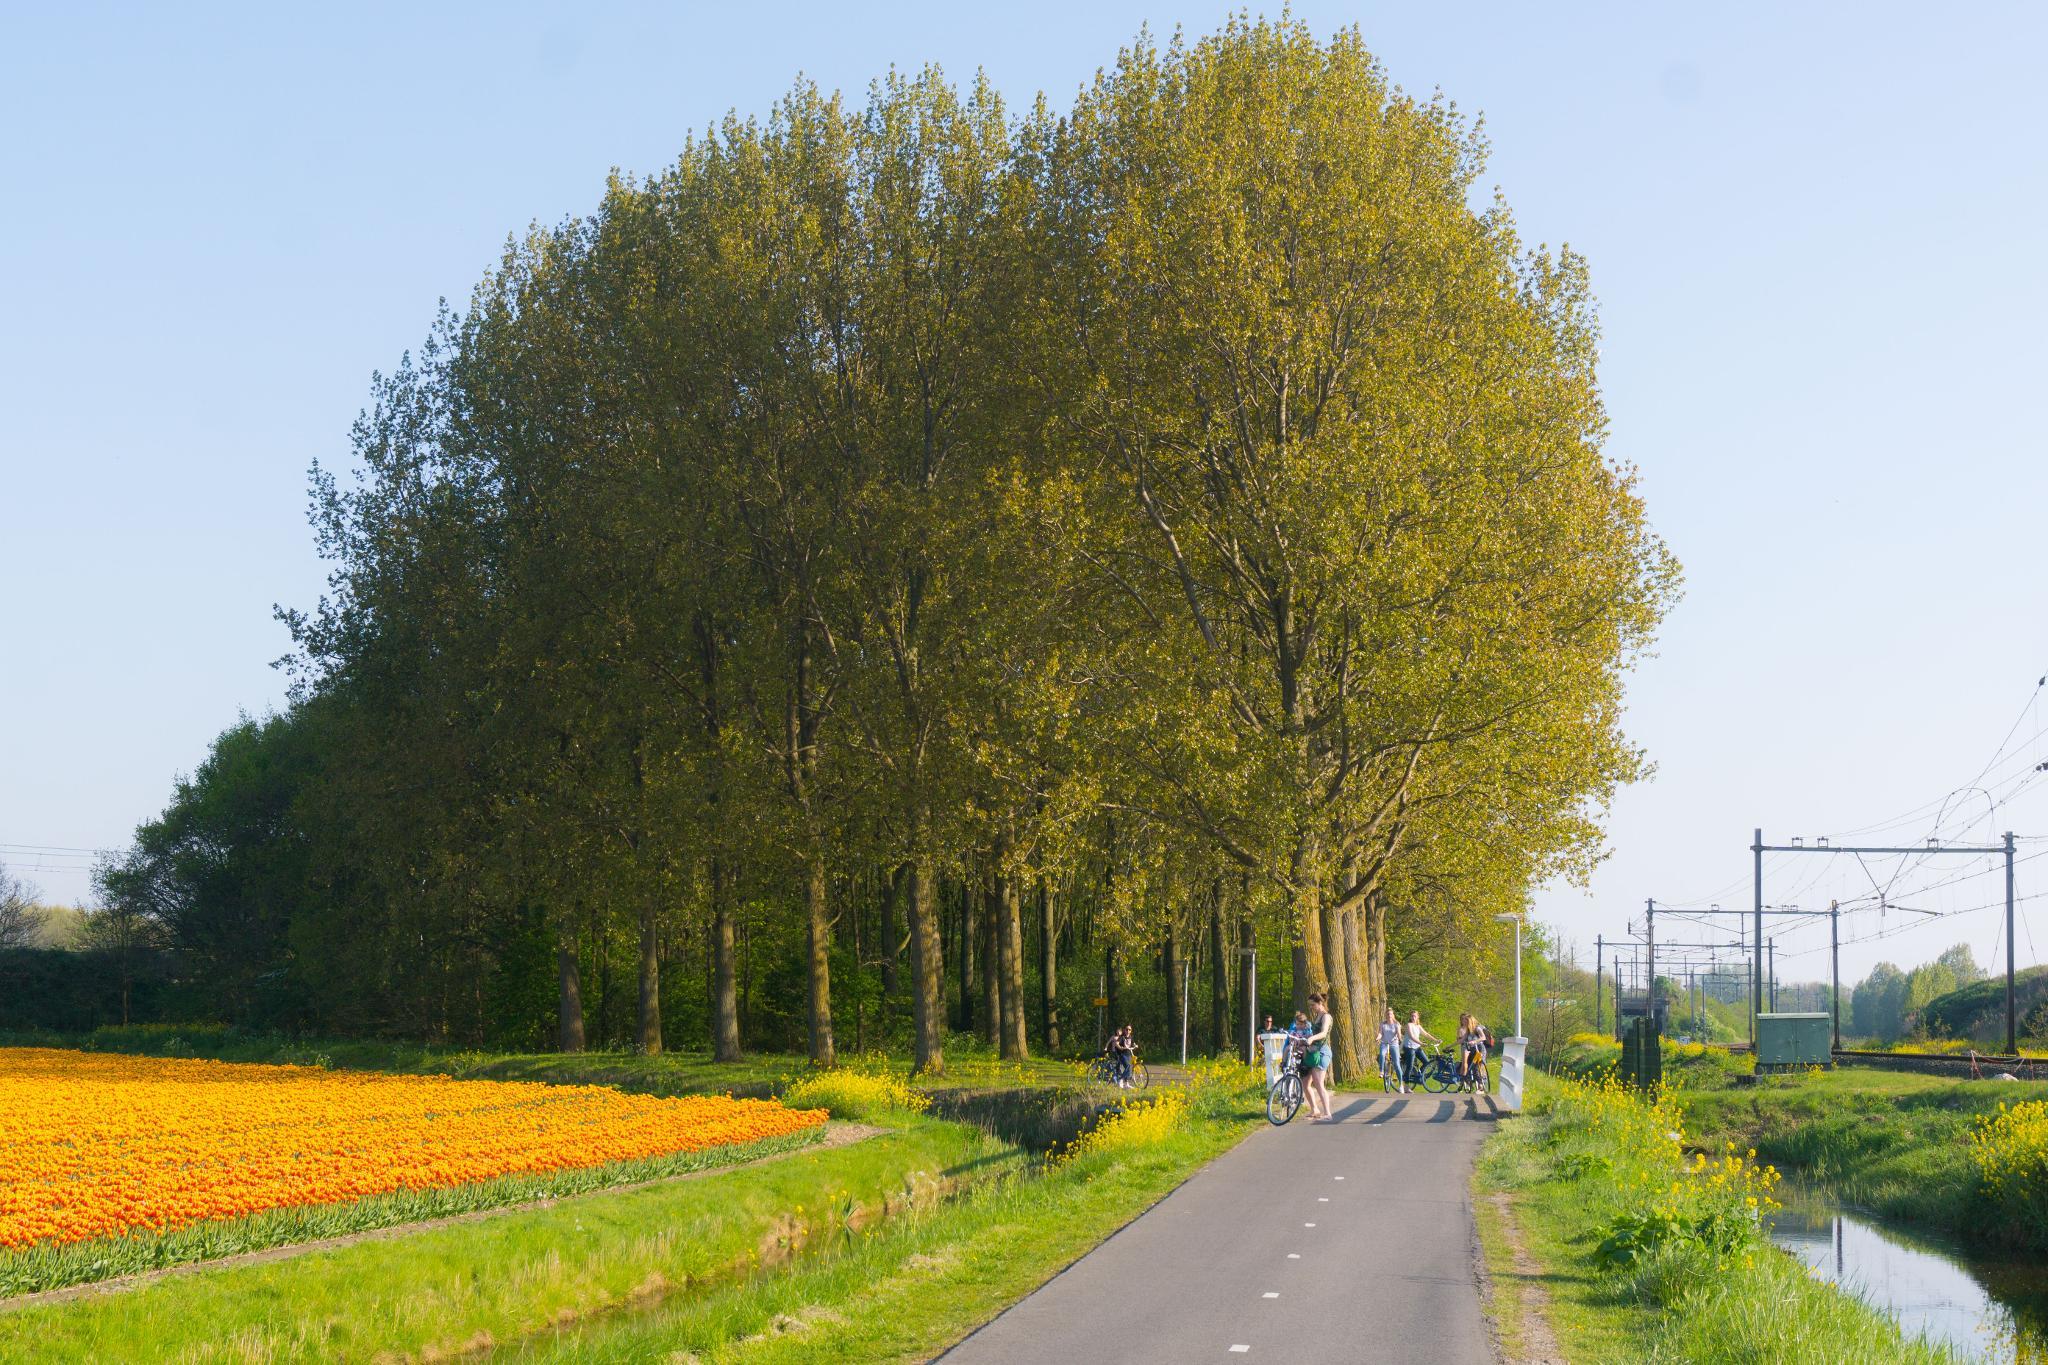 【荷蘭印象】花田嬉事:荷蘭單車花之路 51